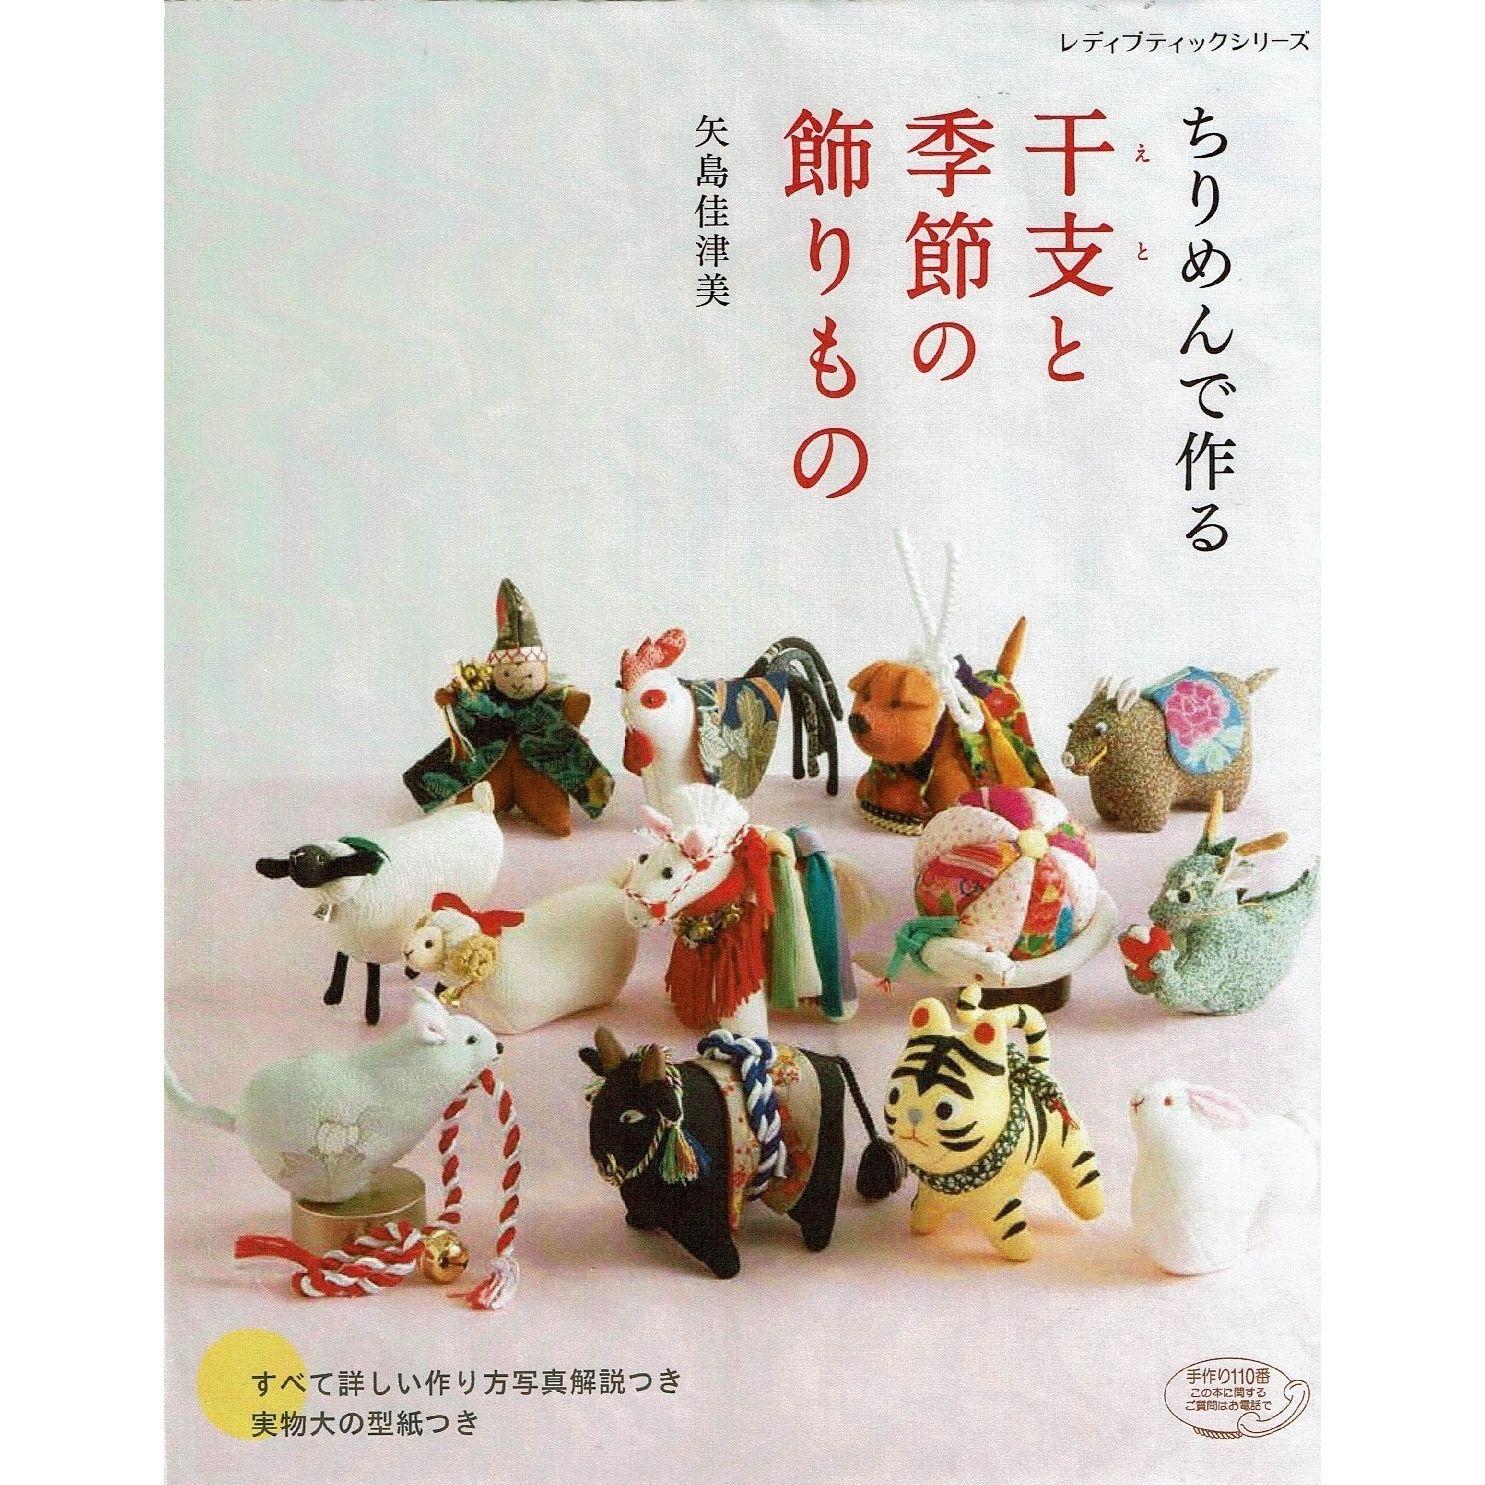 (送料無料)「ちりめんで作る干支と季節の飾りもの」ブティック社刊(1~7日以内に出荷)